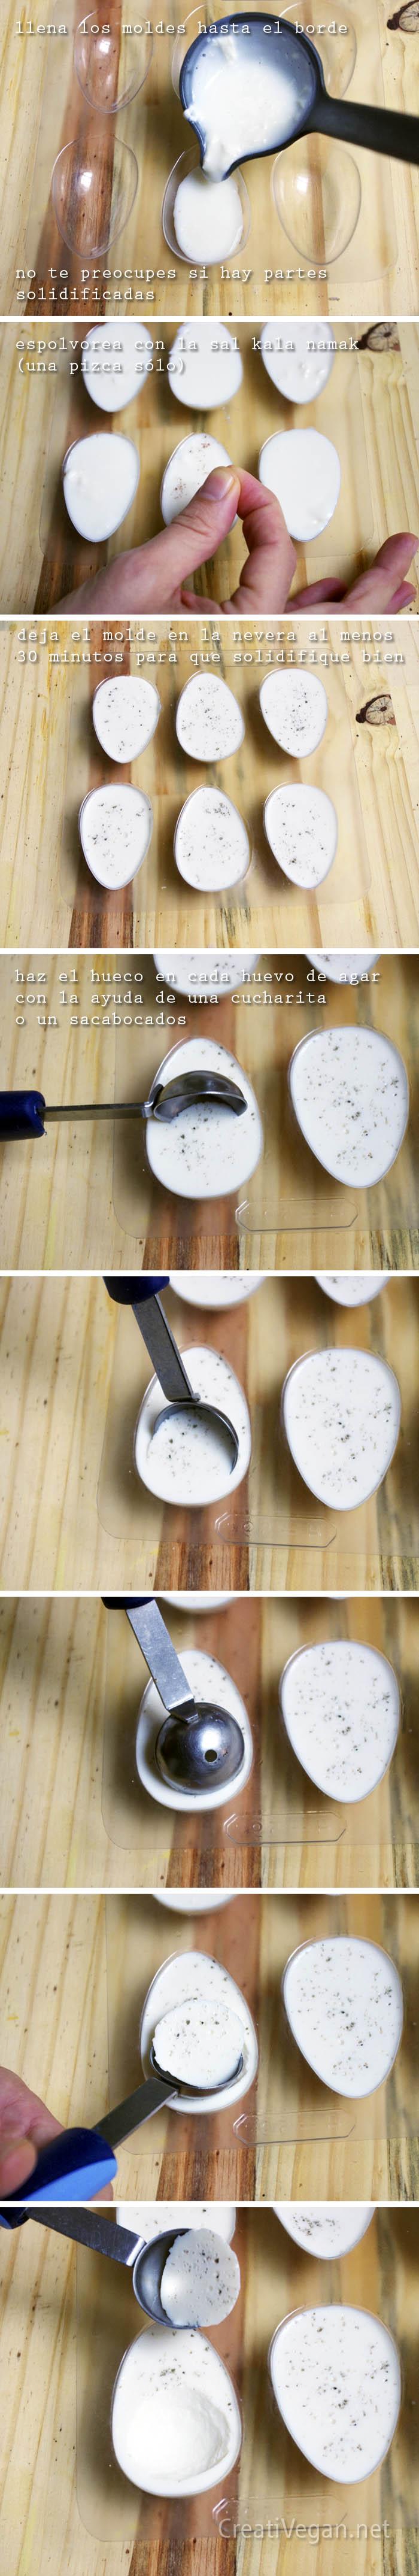 Tutorial: cómo hacer huevos veganos